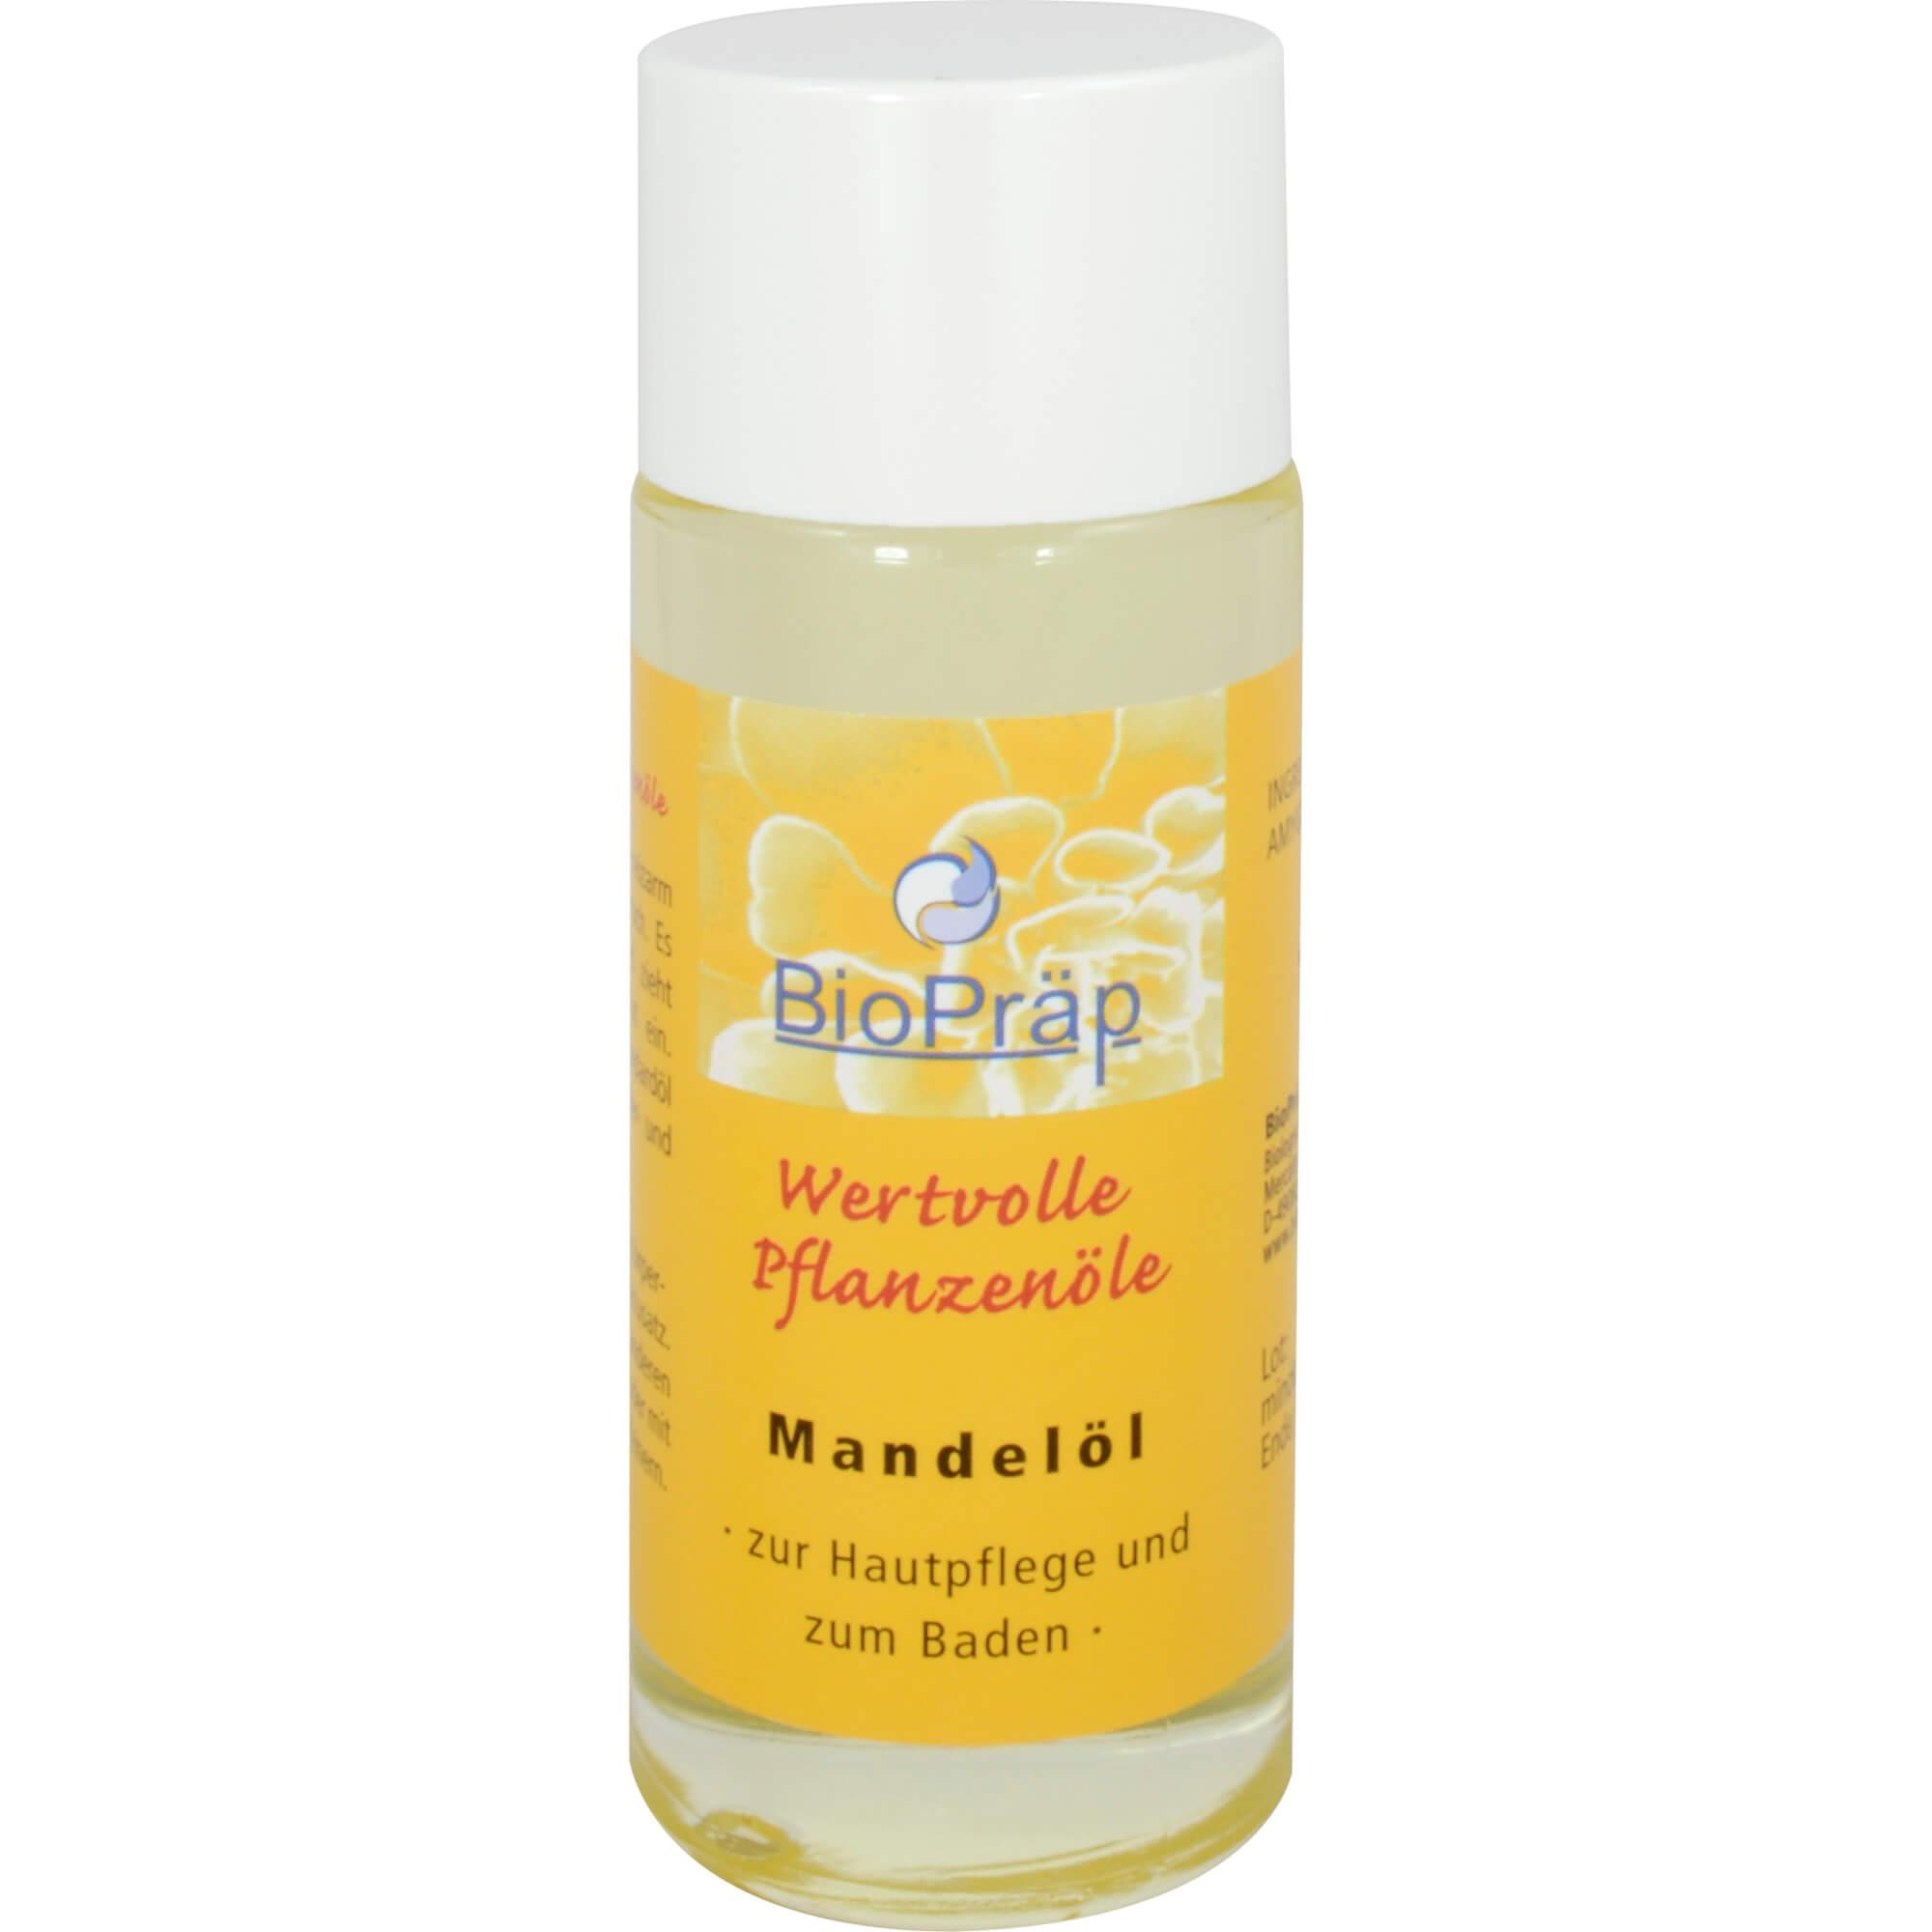 MANDELOEL